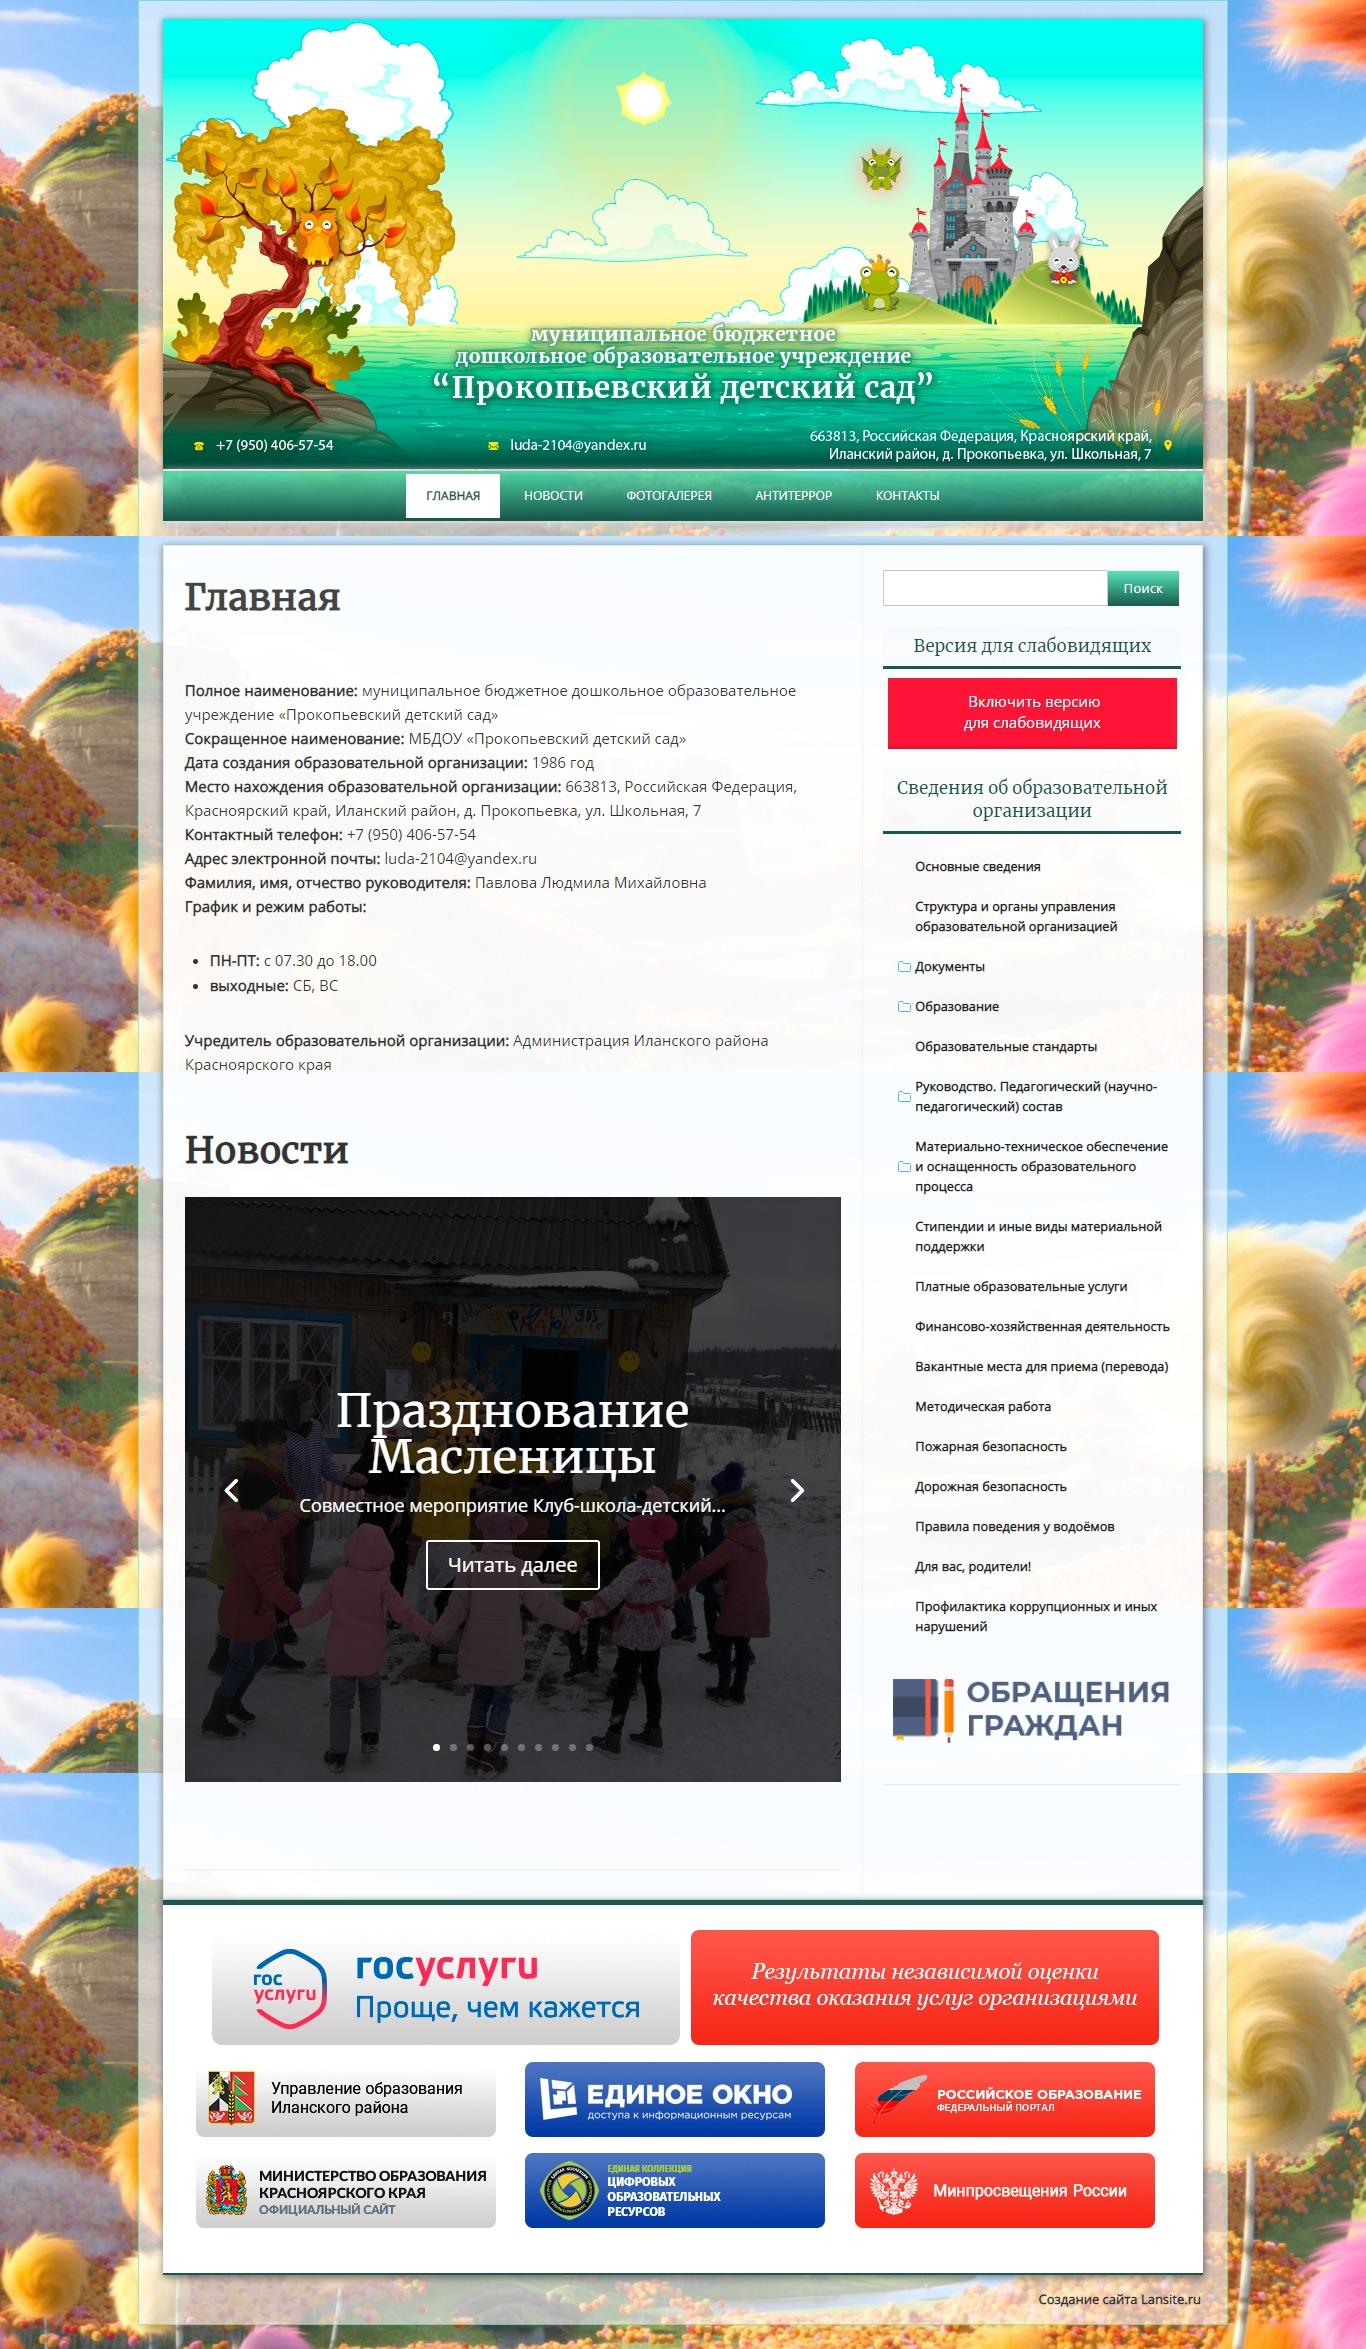 МБДОУ «Прокопьевский детский сад»